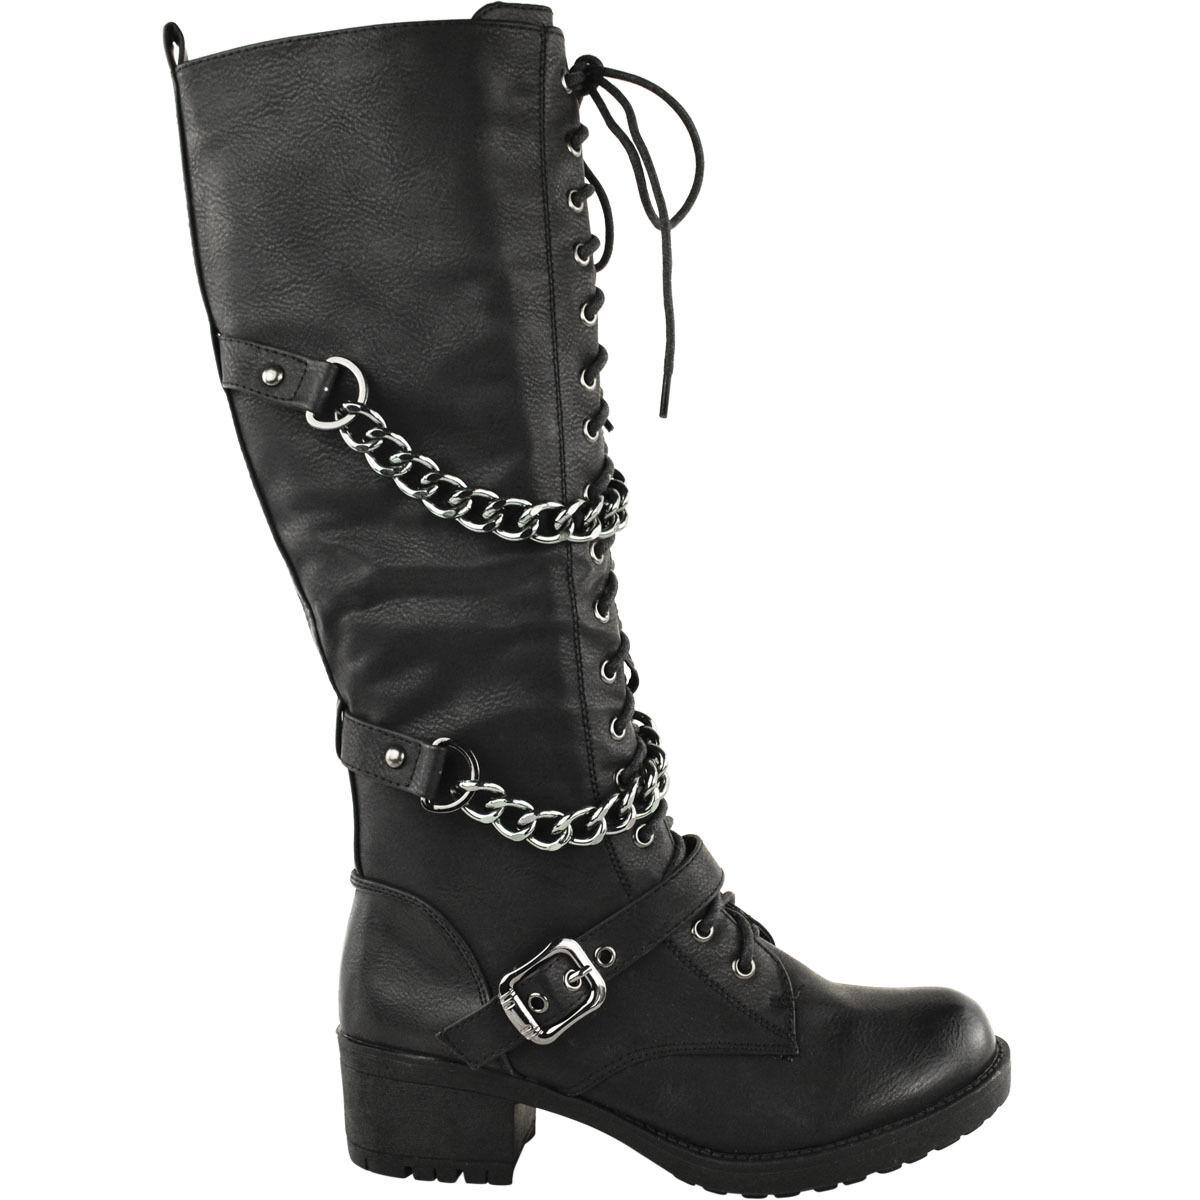 Señora arriba las rodillas wadenlang con cordones Biker punk punk Biker combate botas zapatos militar 3f631d